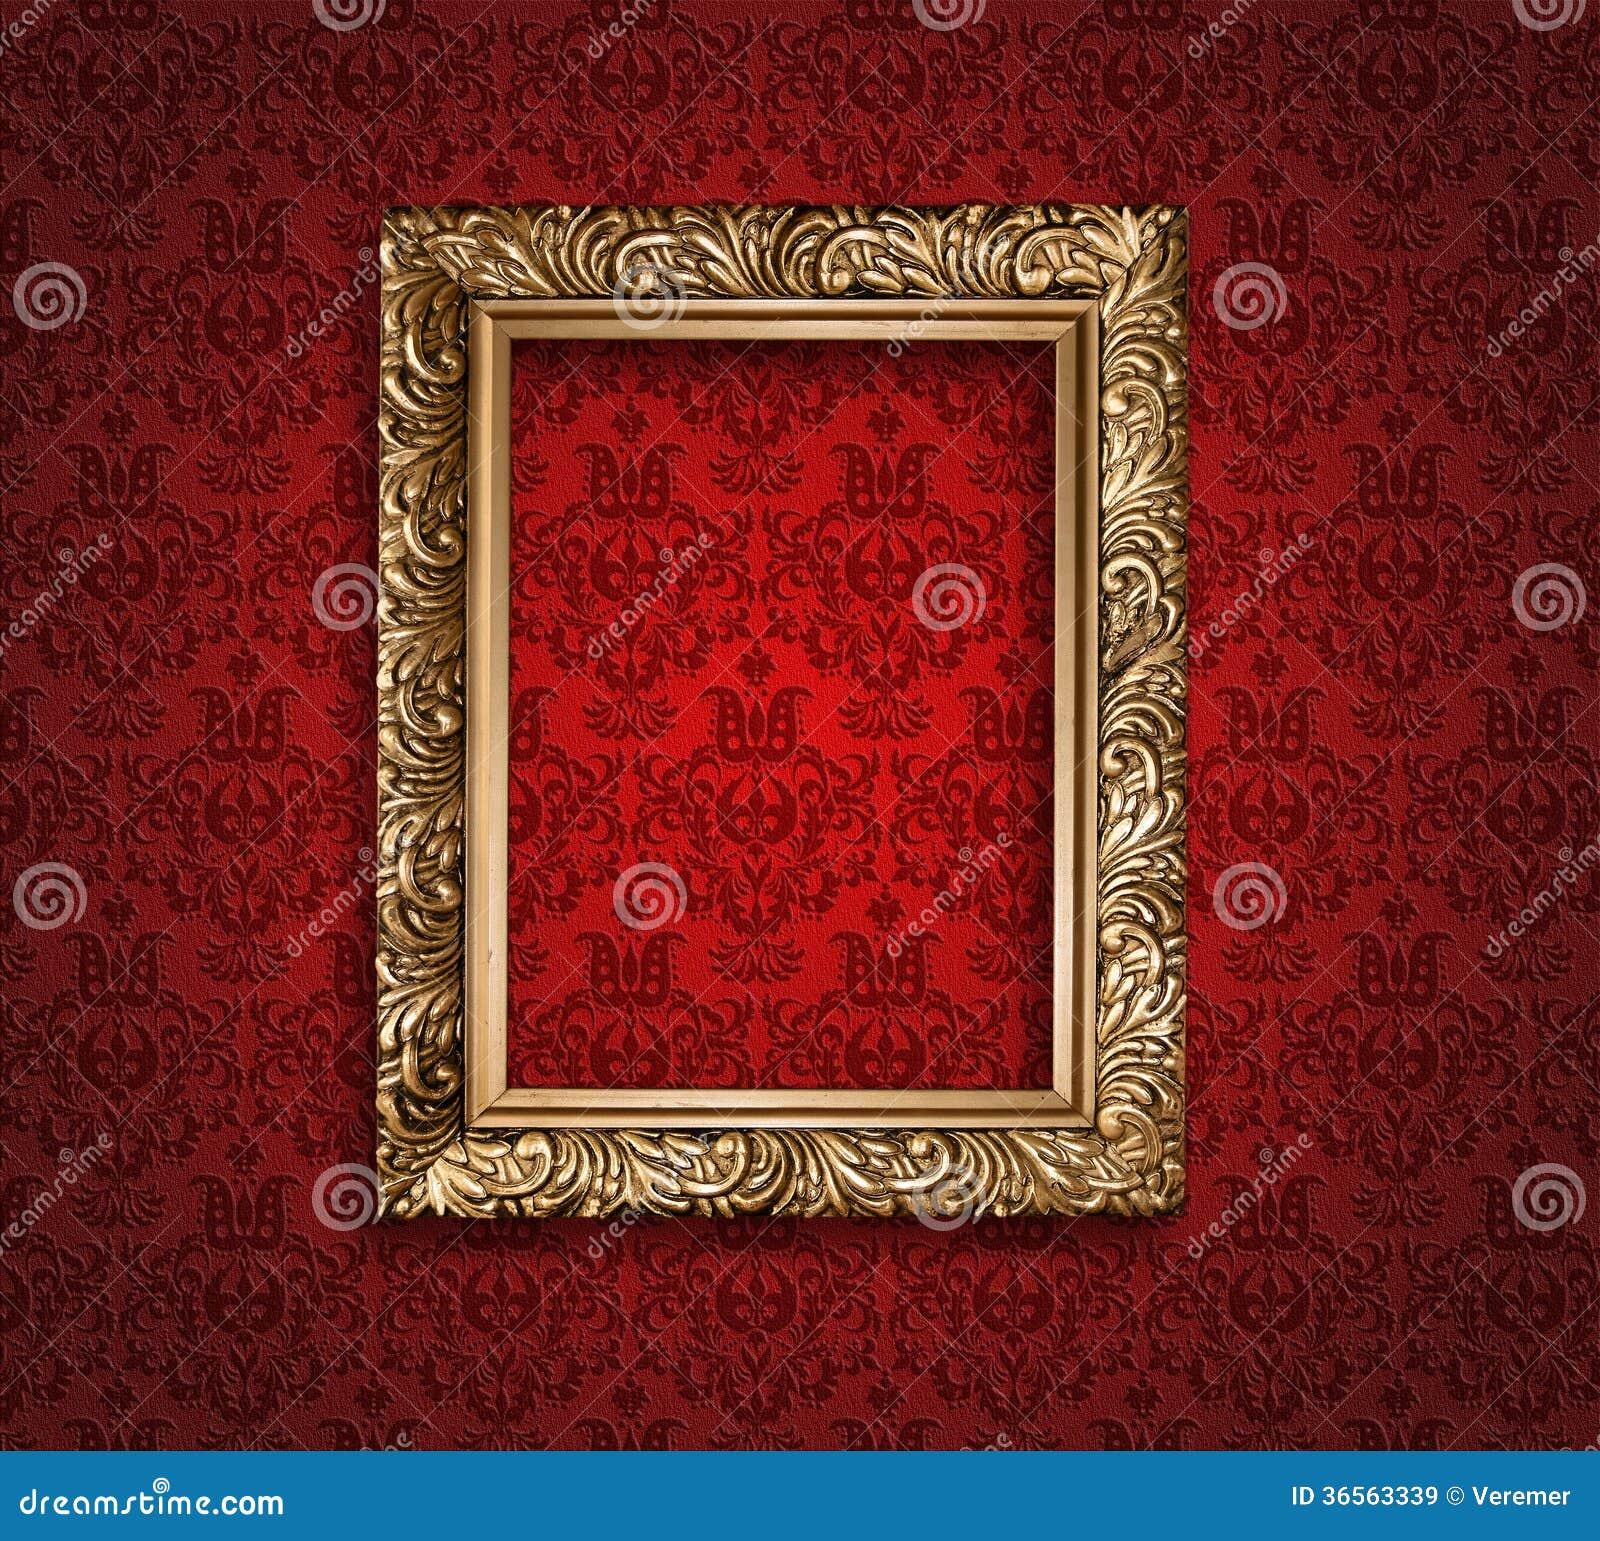 cadre d 39 or antique sur le papier peint rouge images libres de droits image 36563339. Black Bedroom Furniture Sets. Home Design Ideas